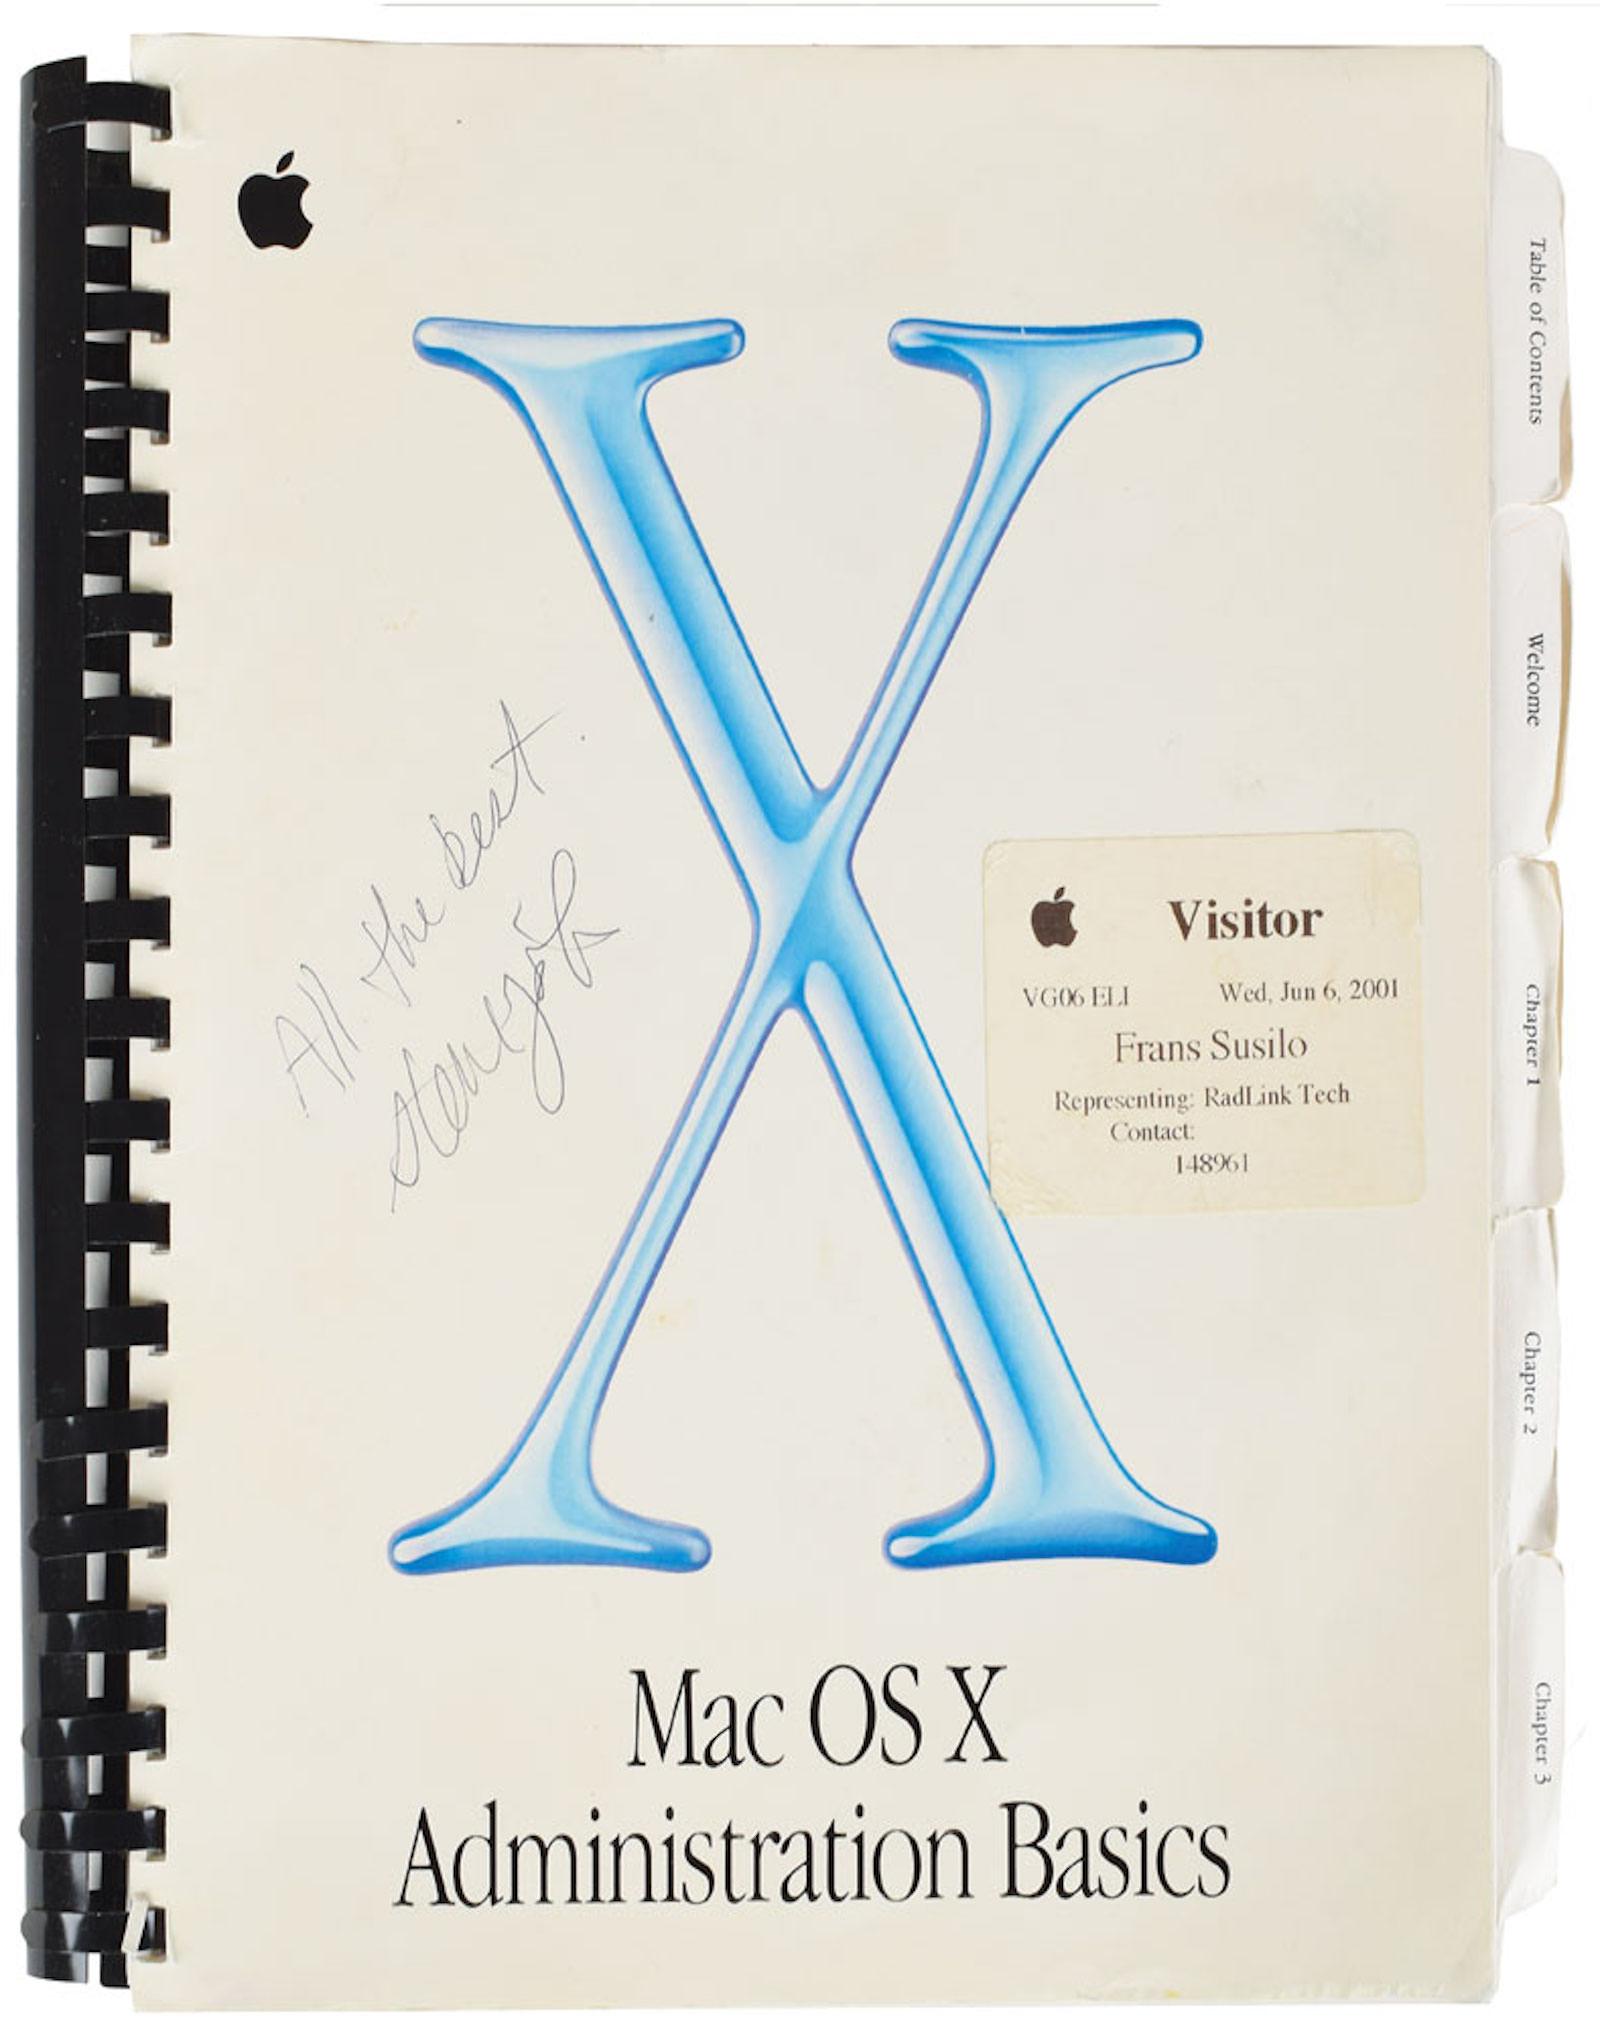 Steve Jobs Manual